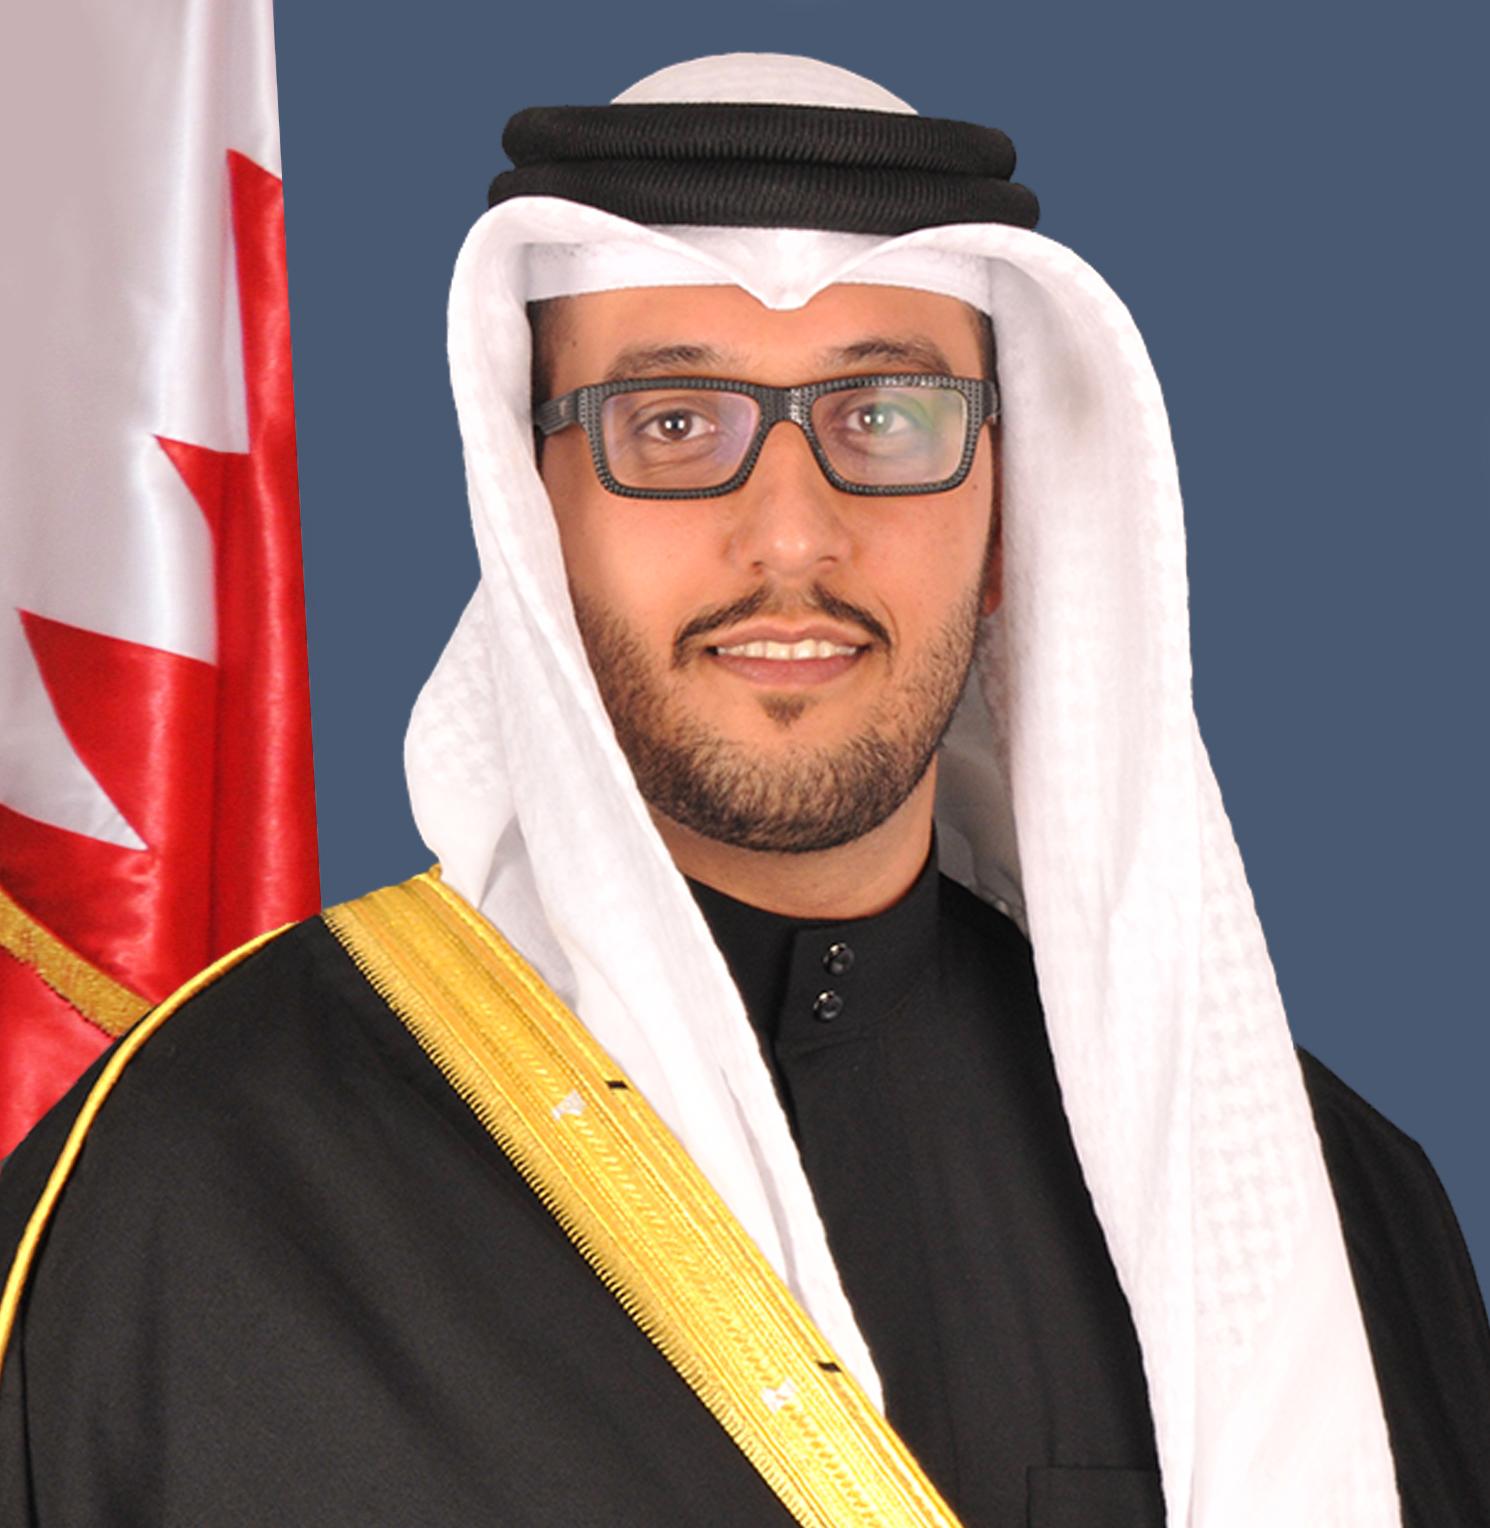 Mohamed Isa Albuflasa